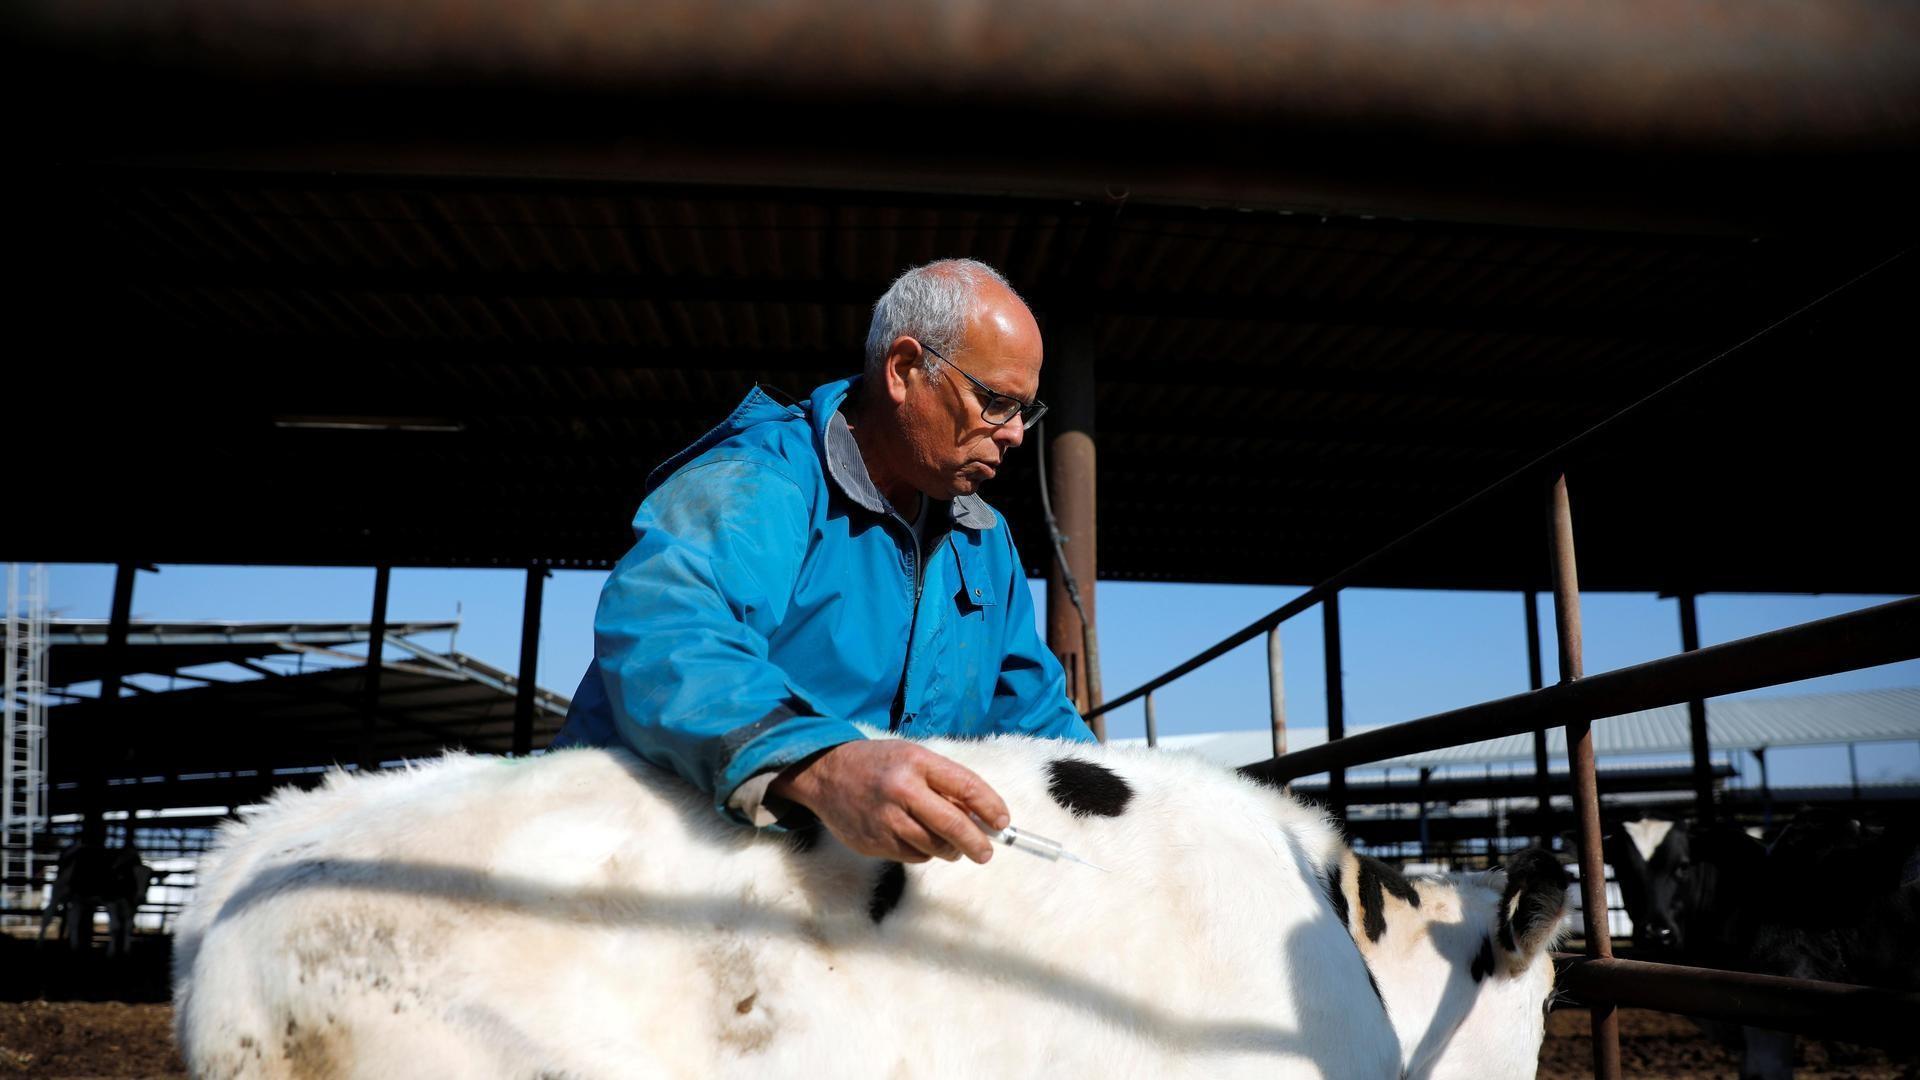 El granjero israelí Guy Golan atiende a una vaca en su granja en Beer Tuvia